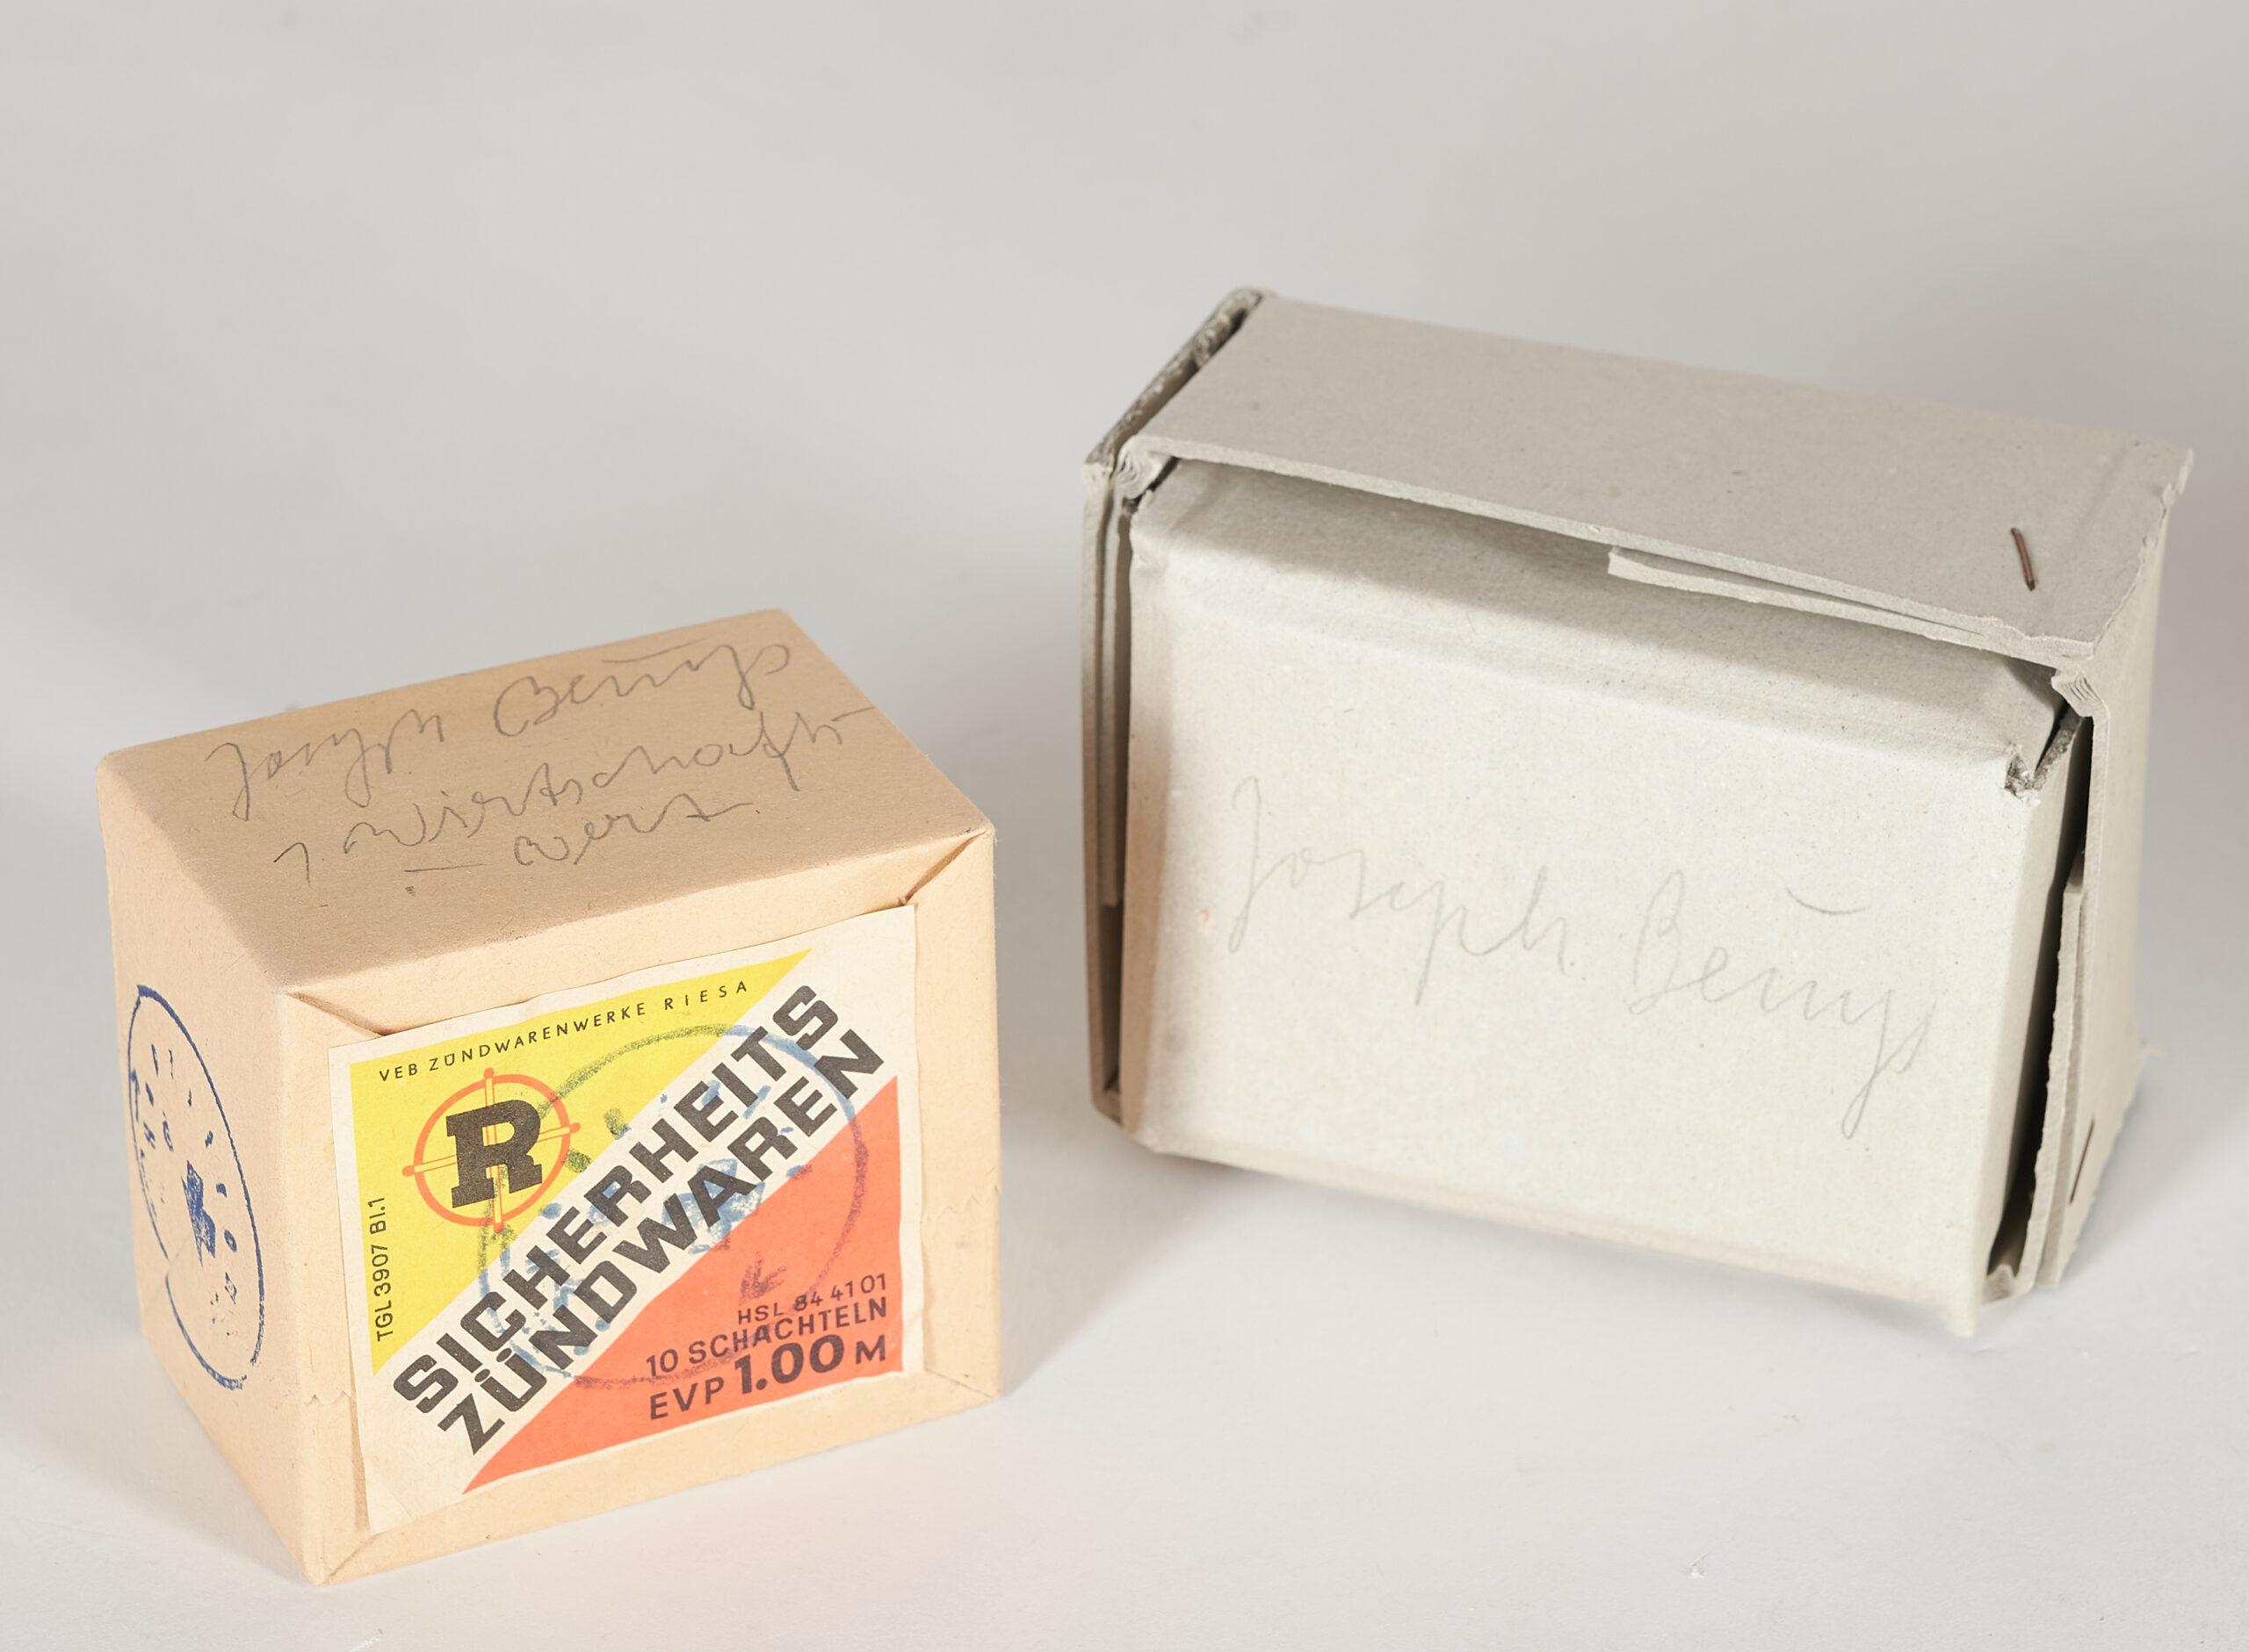 Joseph Beuys: 1 Wirtschaftswert - lucifers